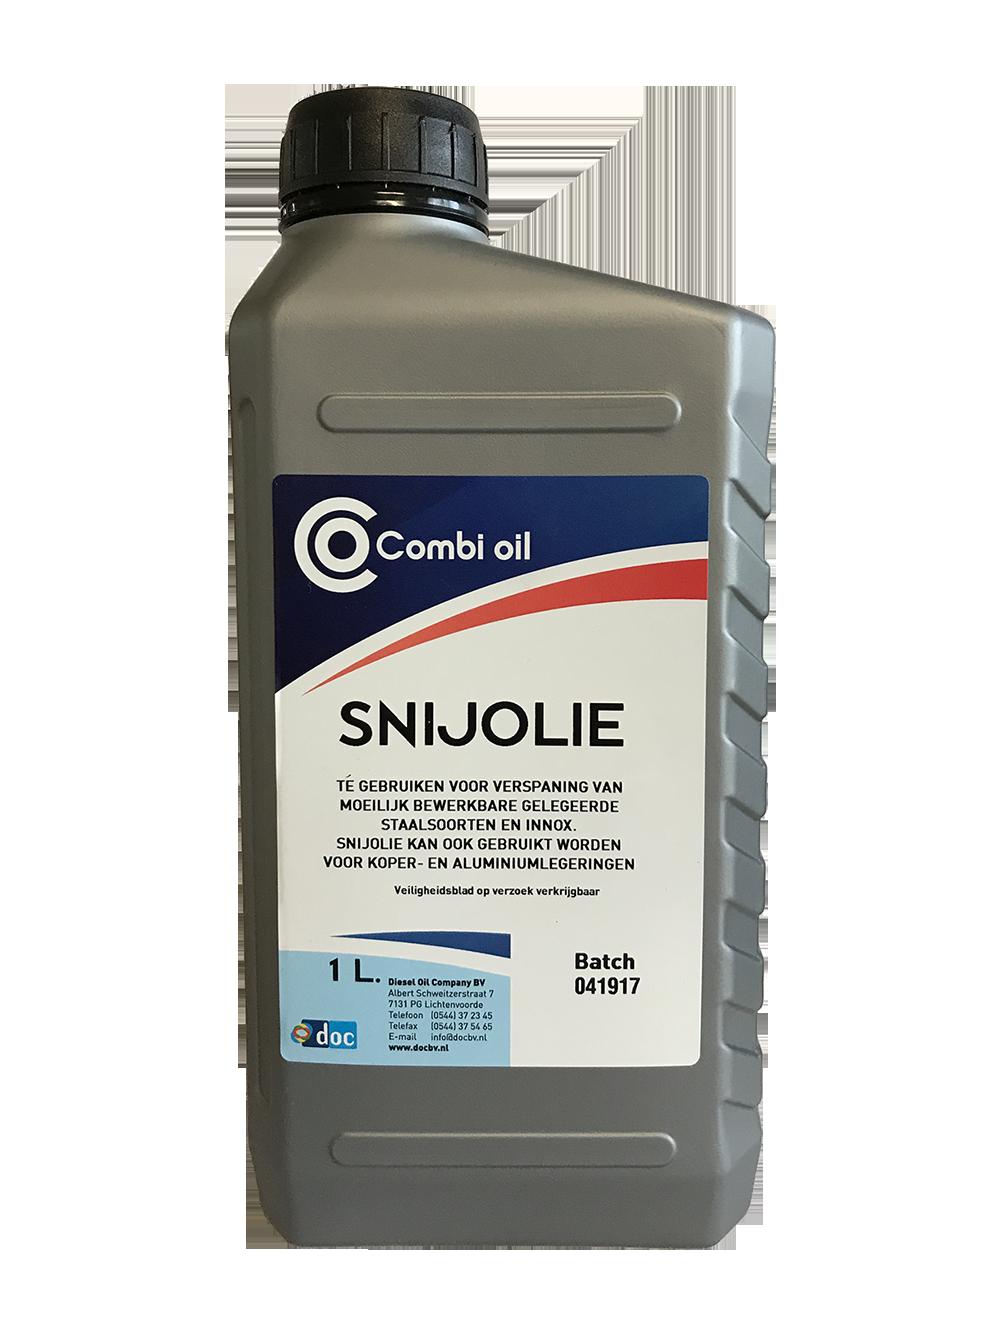 Afbeelding van combi olie oil snijolie 5 l, can